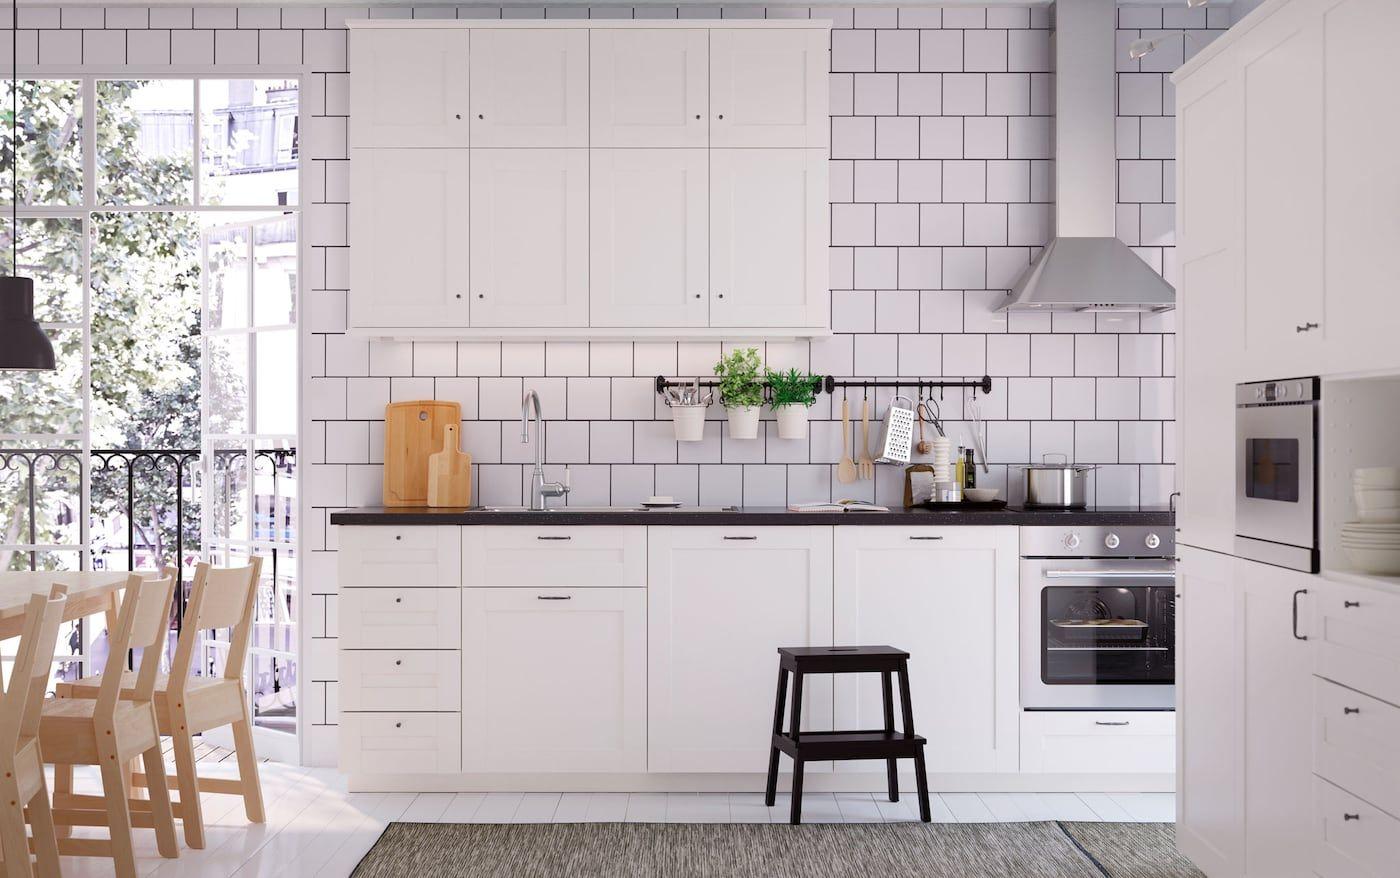 Déco Cuisine : notre galerie de photos Cuisine  Ikea küche